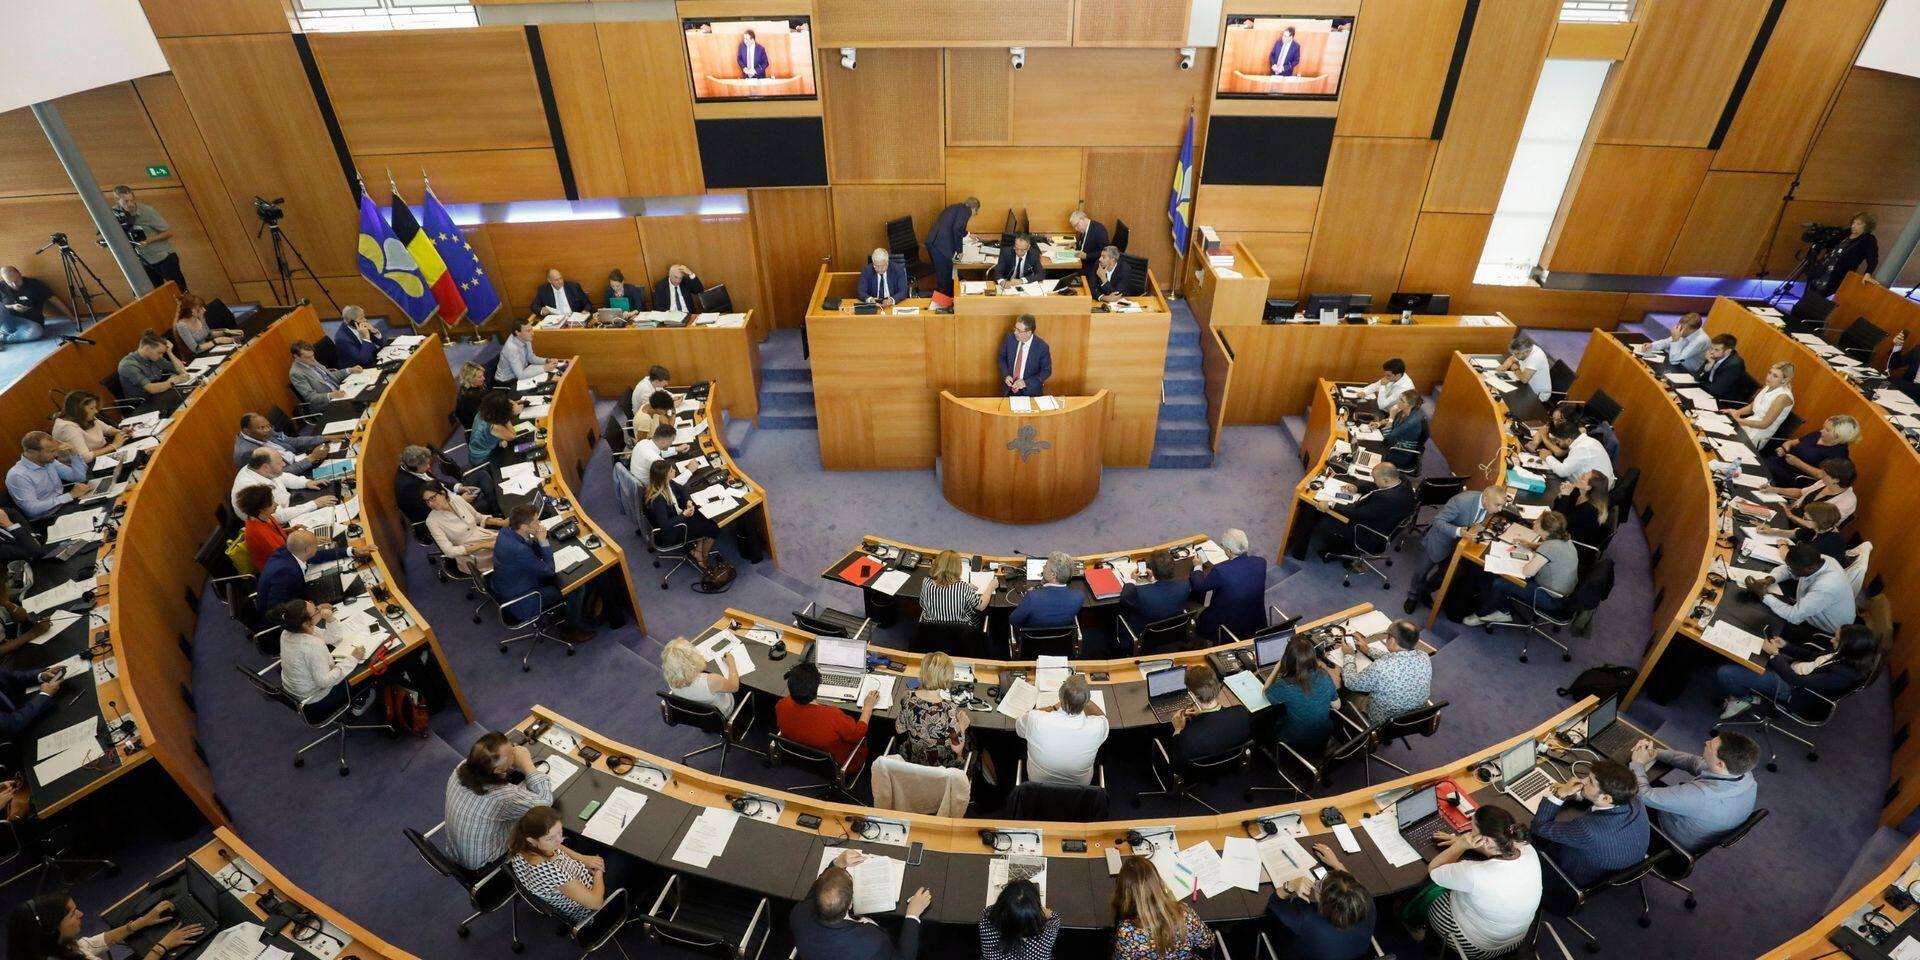 Un jeu inédit au parlement de la Fédération Wallonie-Bruxelles